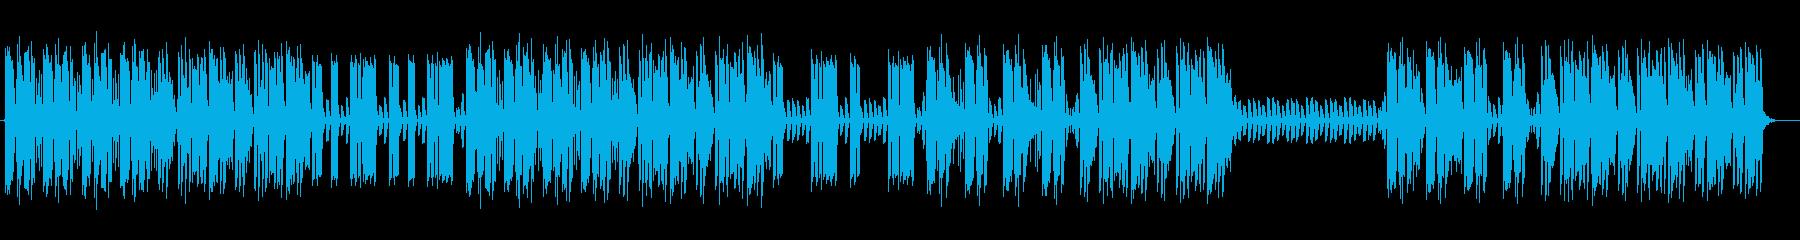 クールでマイナーなエレキギターサウンドの再生済みの波形